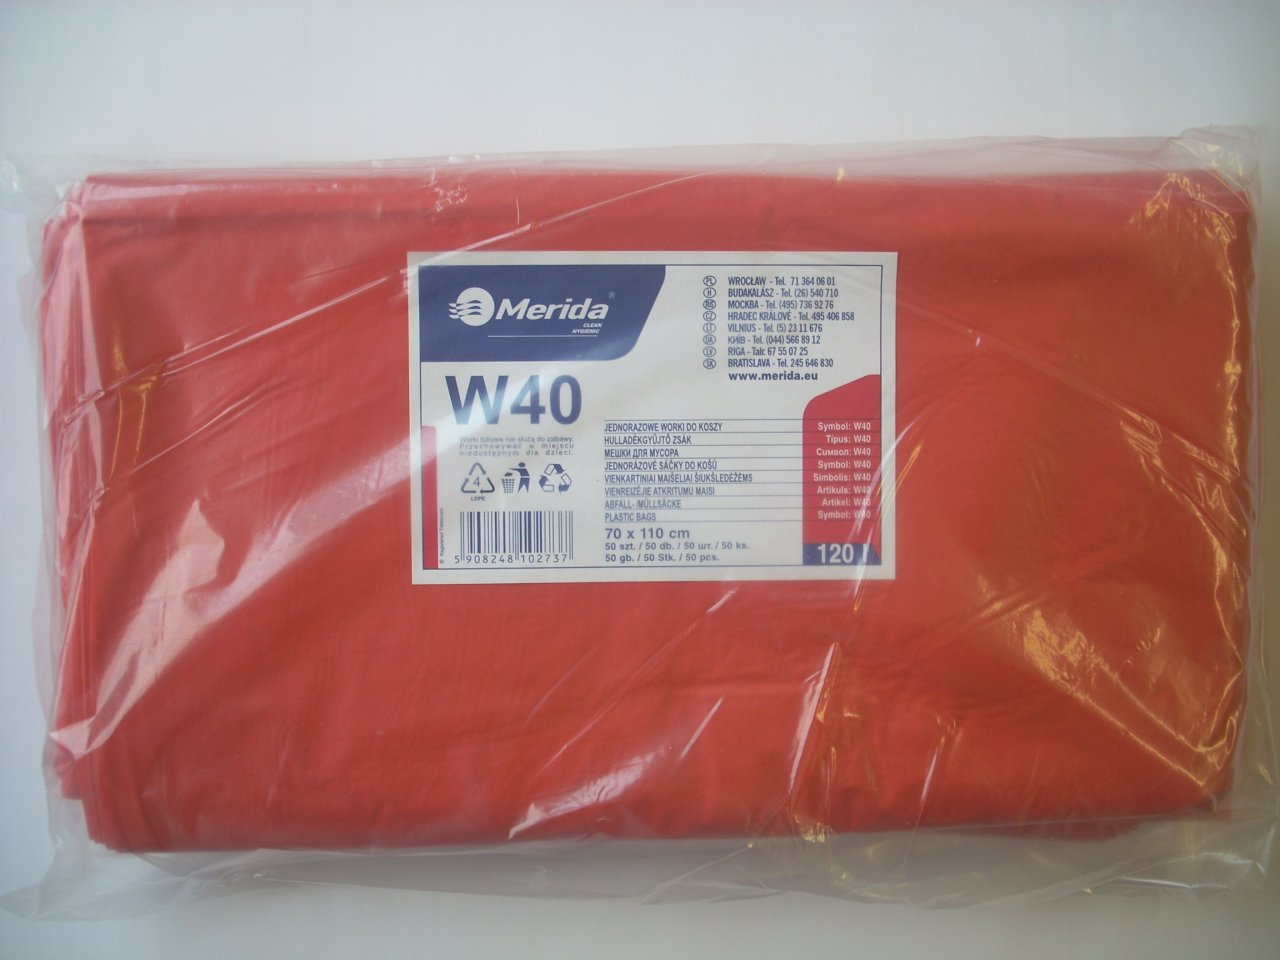 Merida Pytle na odpadky LDPE, 38 mi, 70x110cm,120 l,červené 50 ks/b